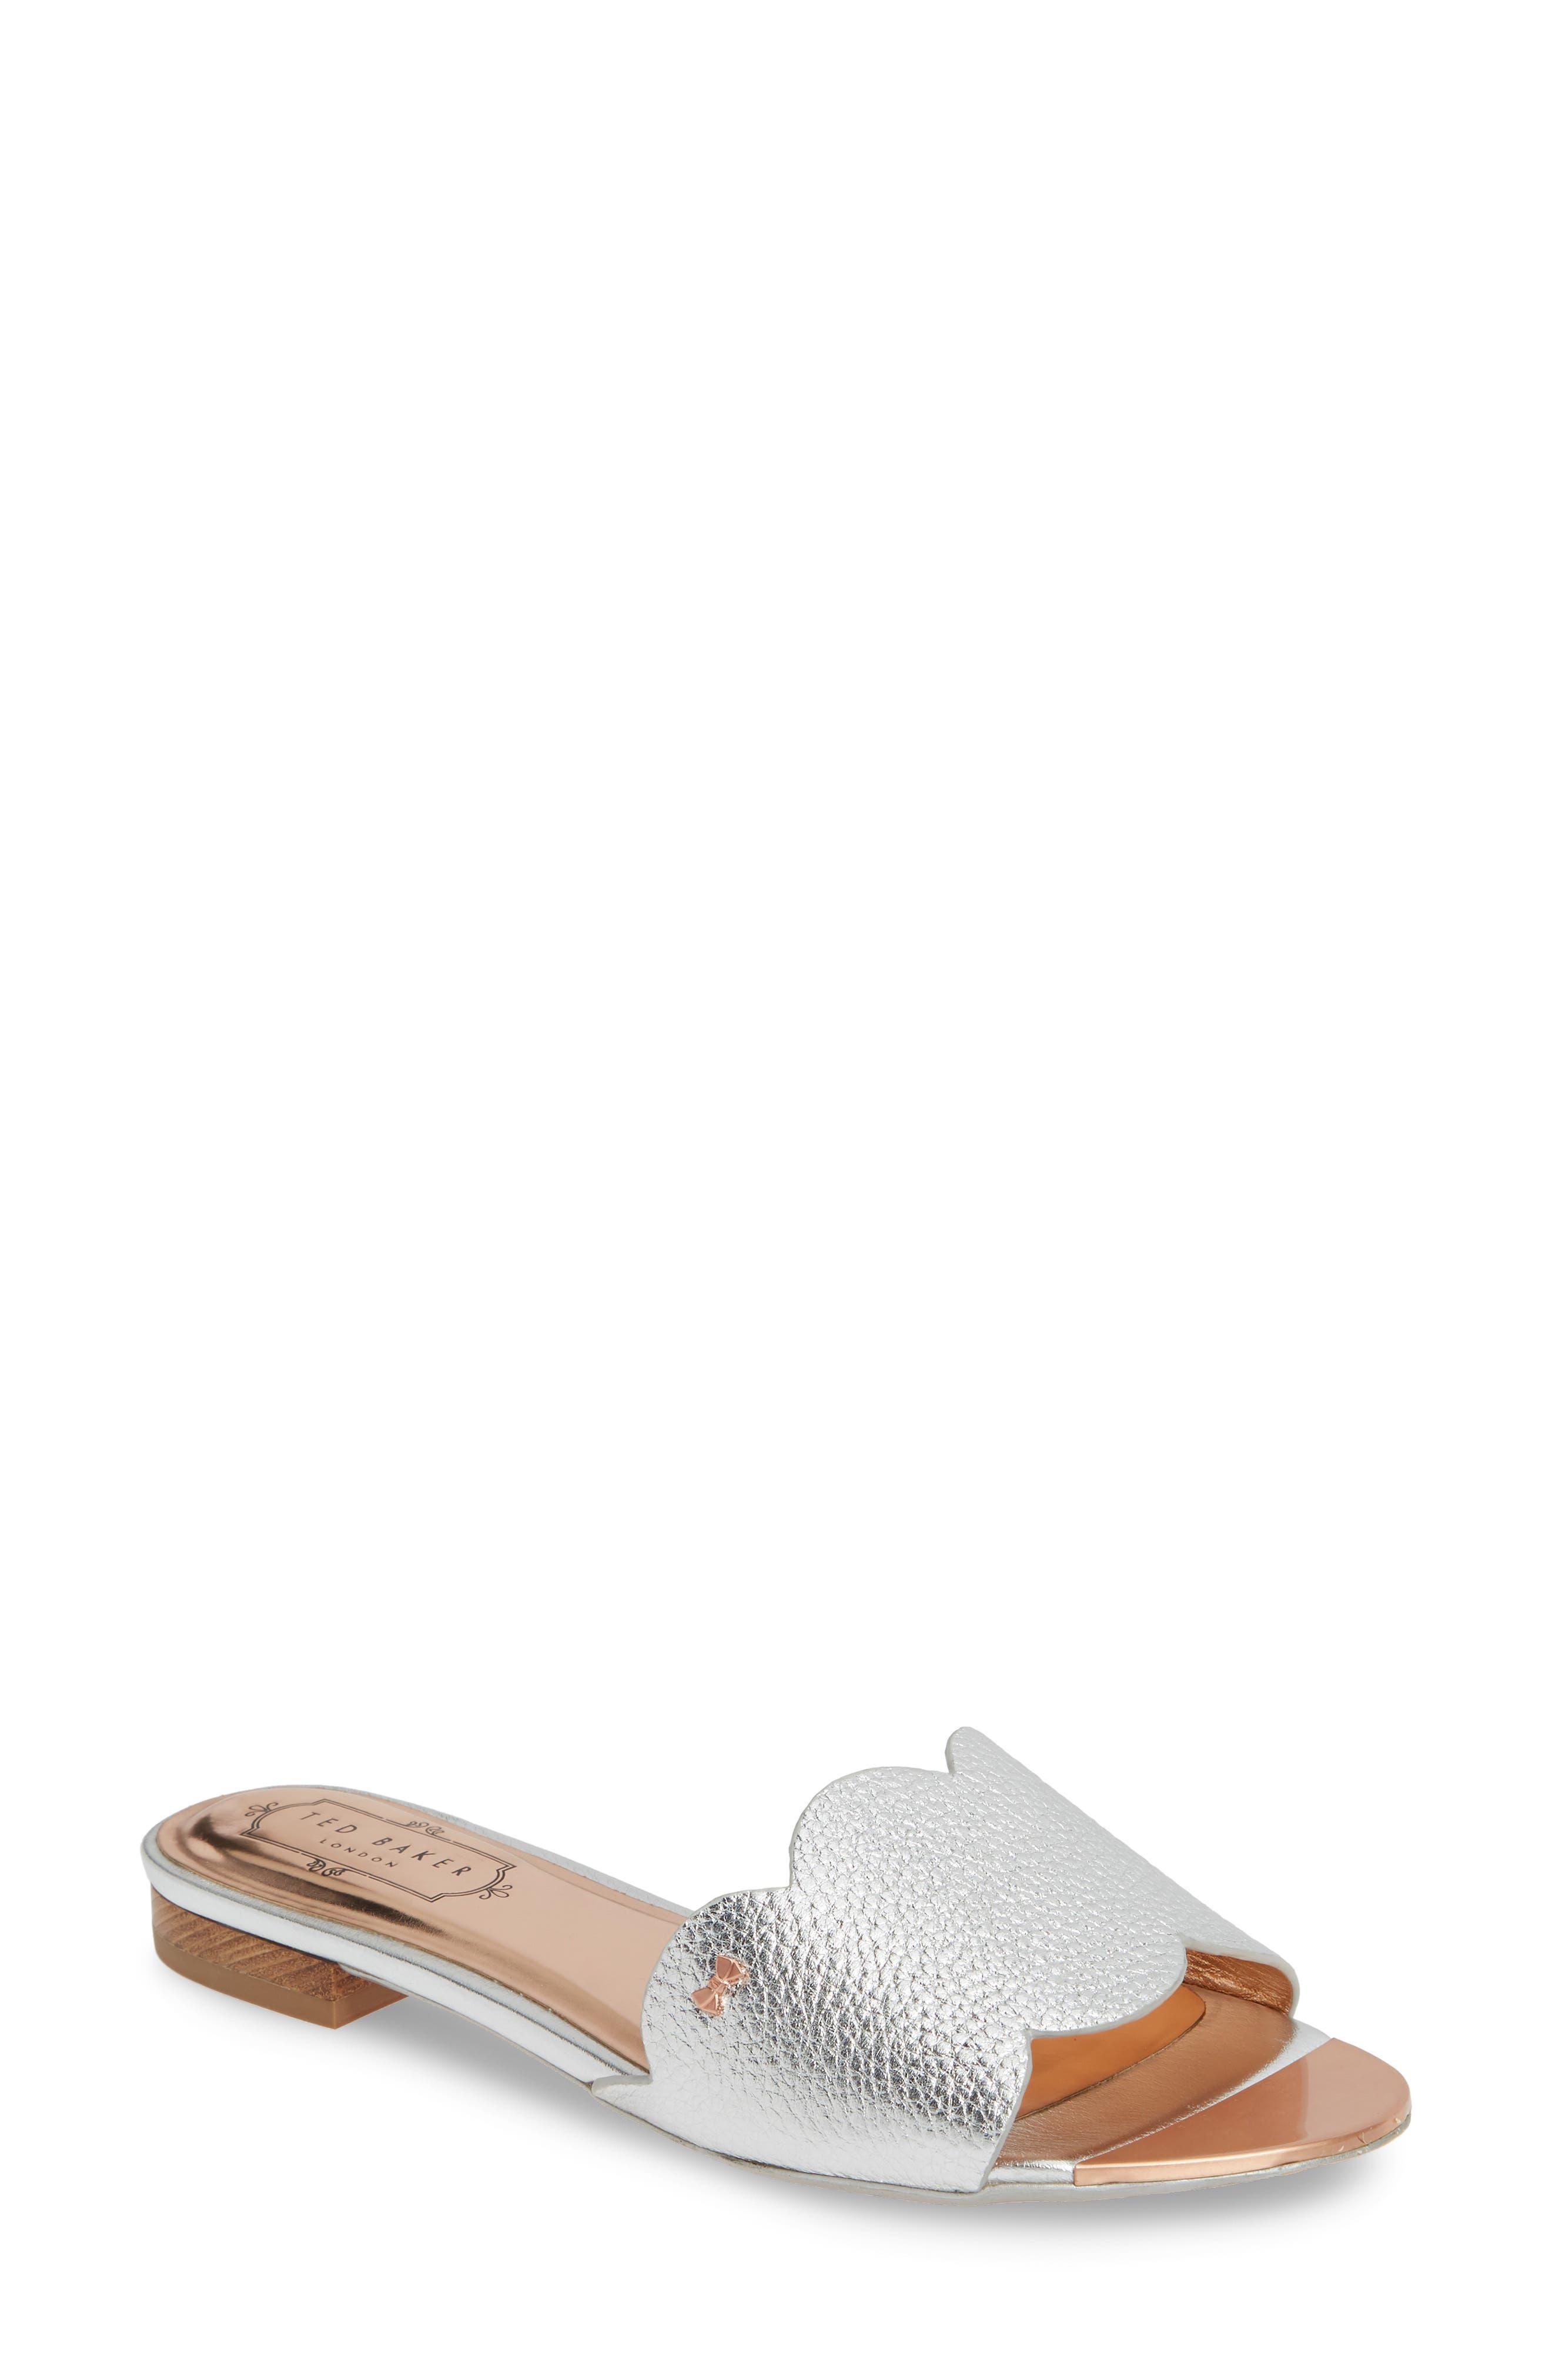 Ted Baker London Rhaill Slide Sandal - Metallic